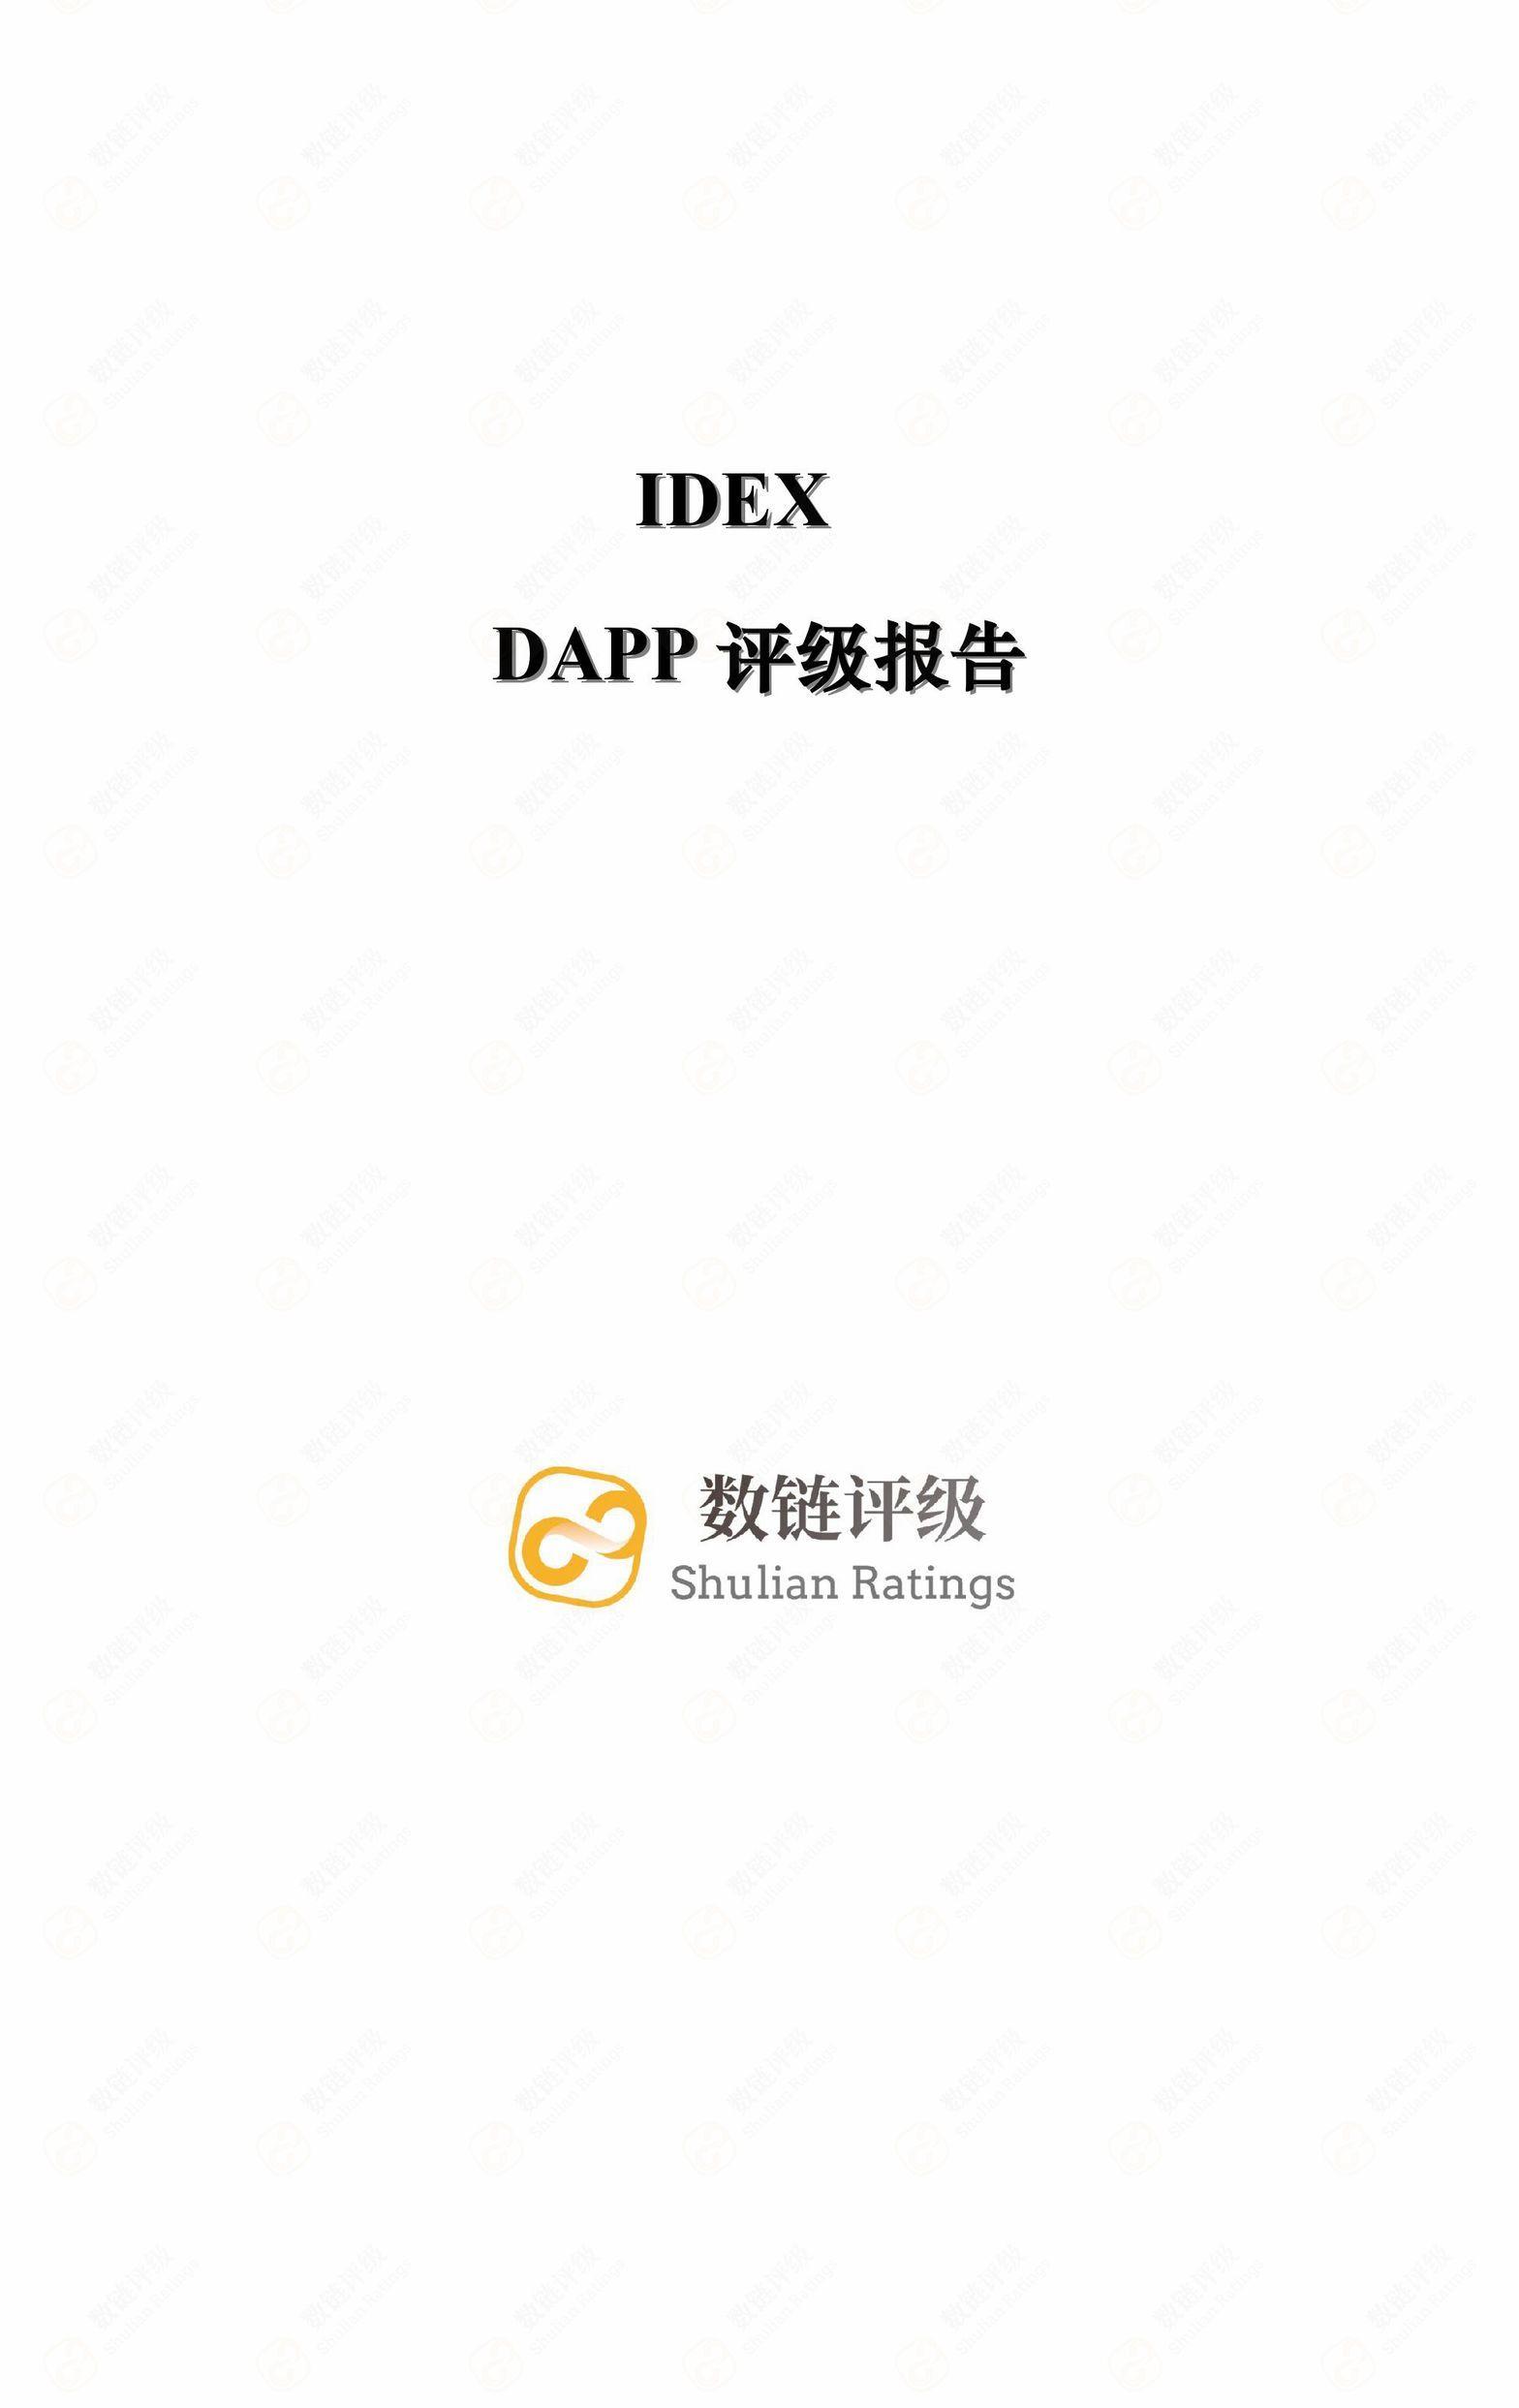 数链评级 | IDEX——以太坊DAPP冠军测评